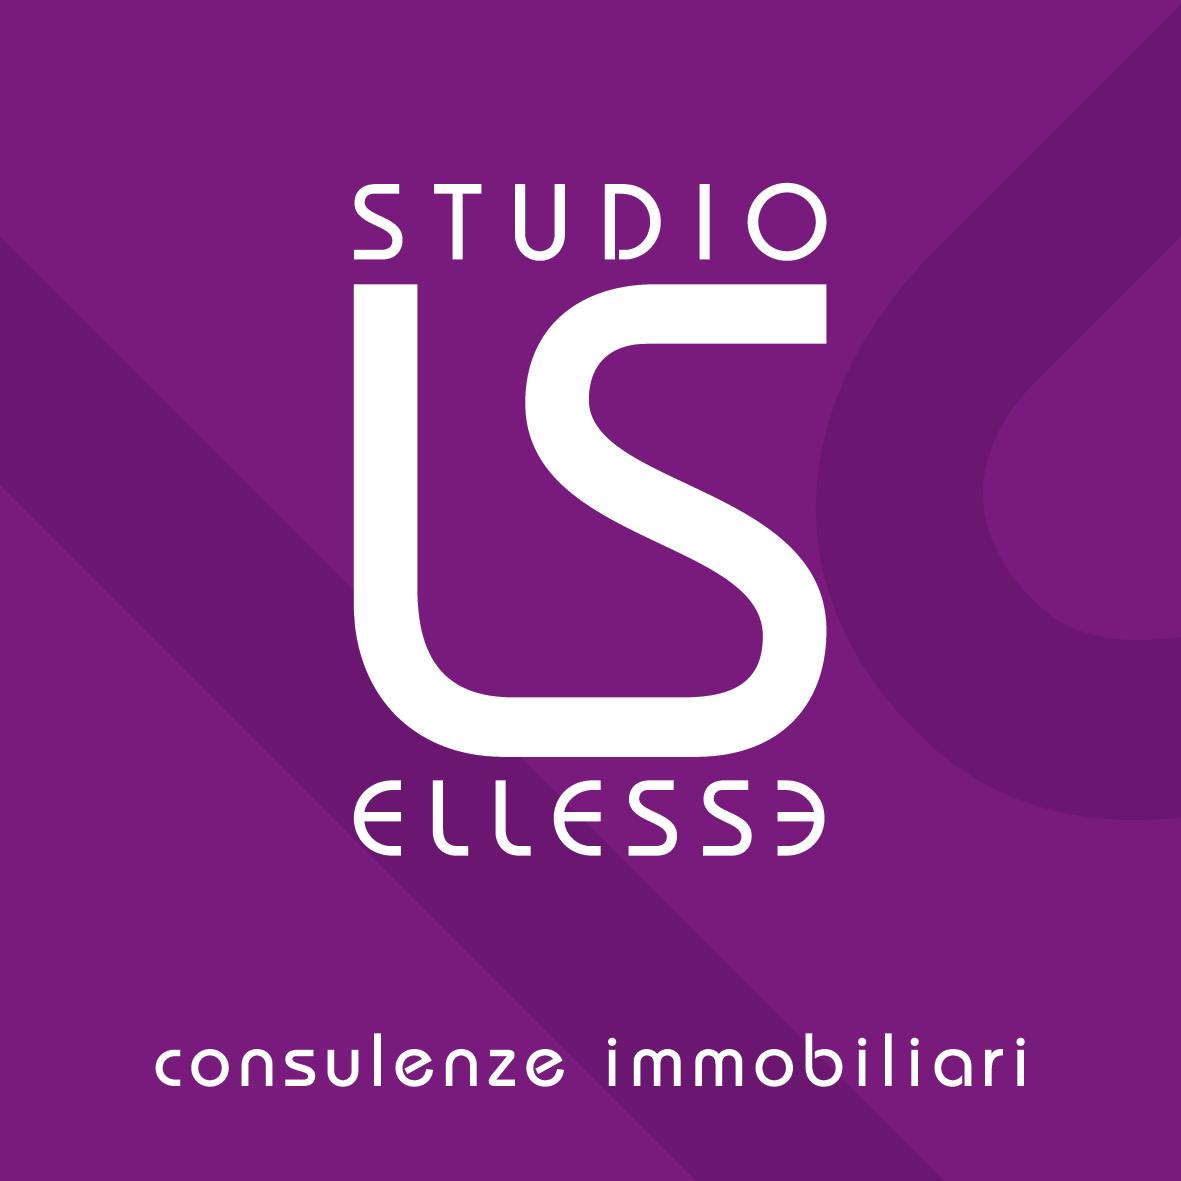 STUDIO IMMOBILIARE ELLESSE